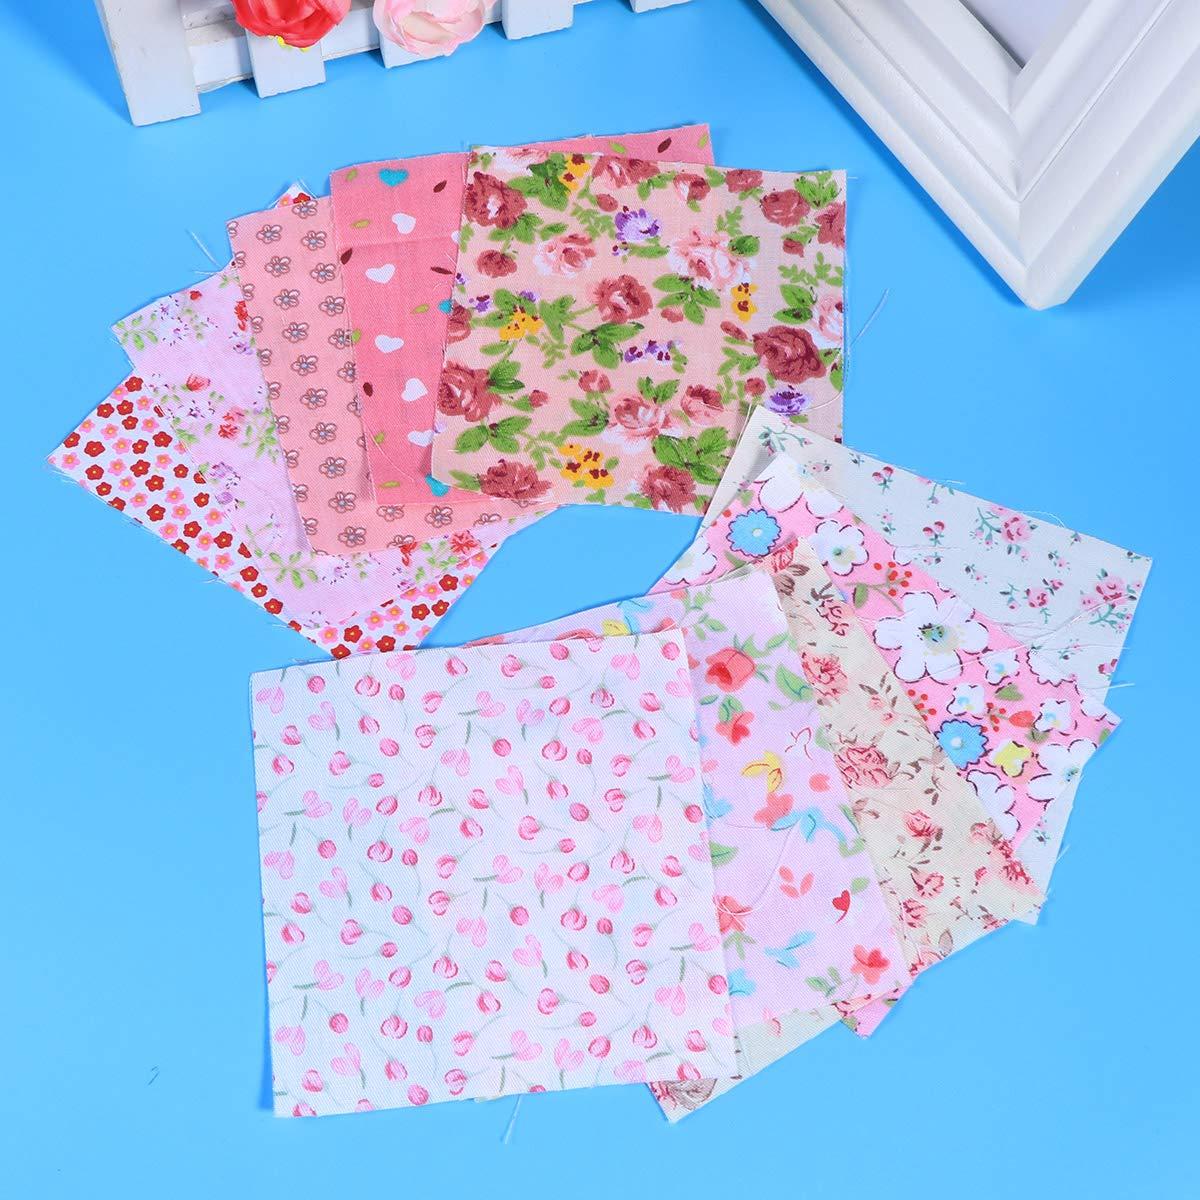 rosa Supvox 10 piezas de tela acolchada tela de sarga de algod/ón estampado floral hecho a mano bricolaje tela de algod/ón para patchwork costura